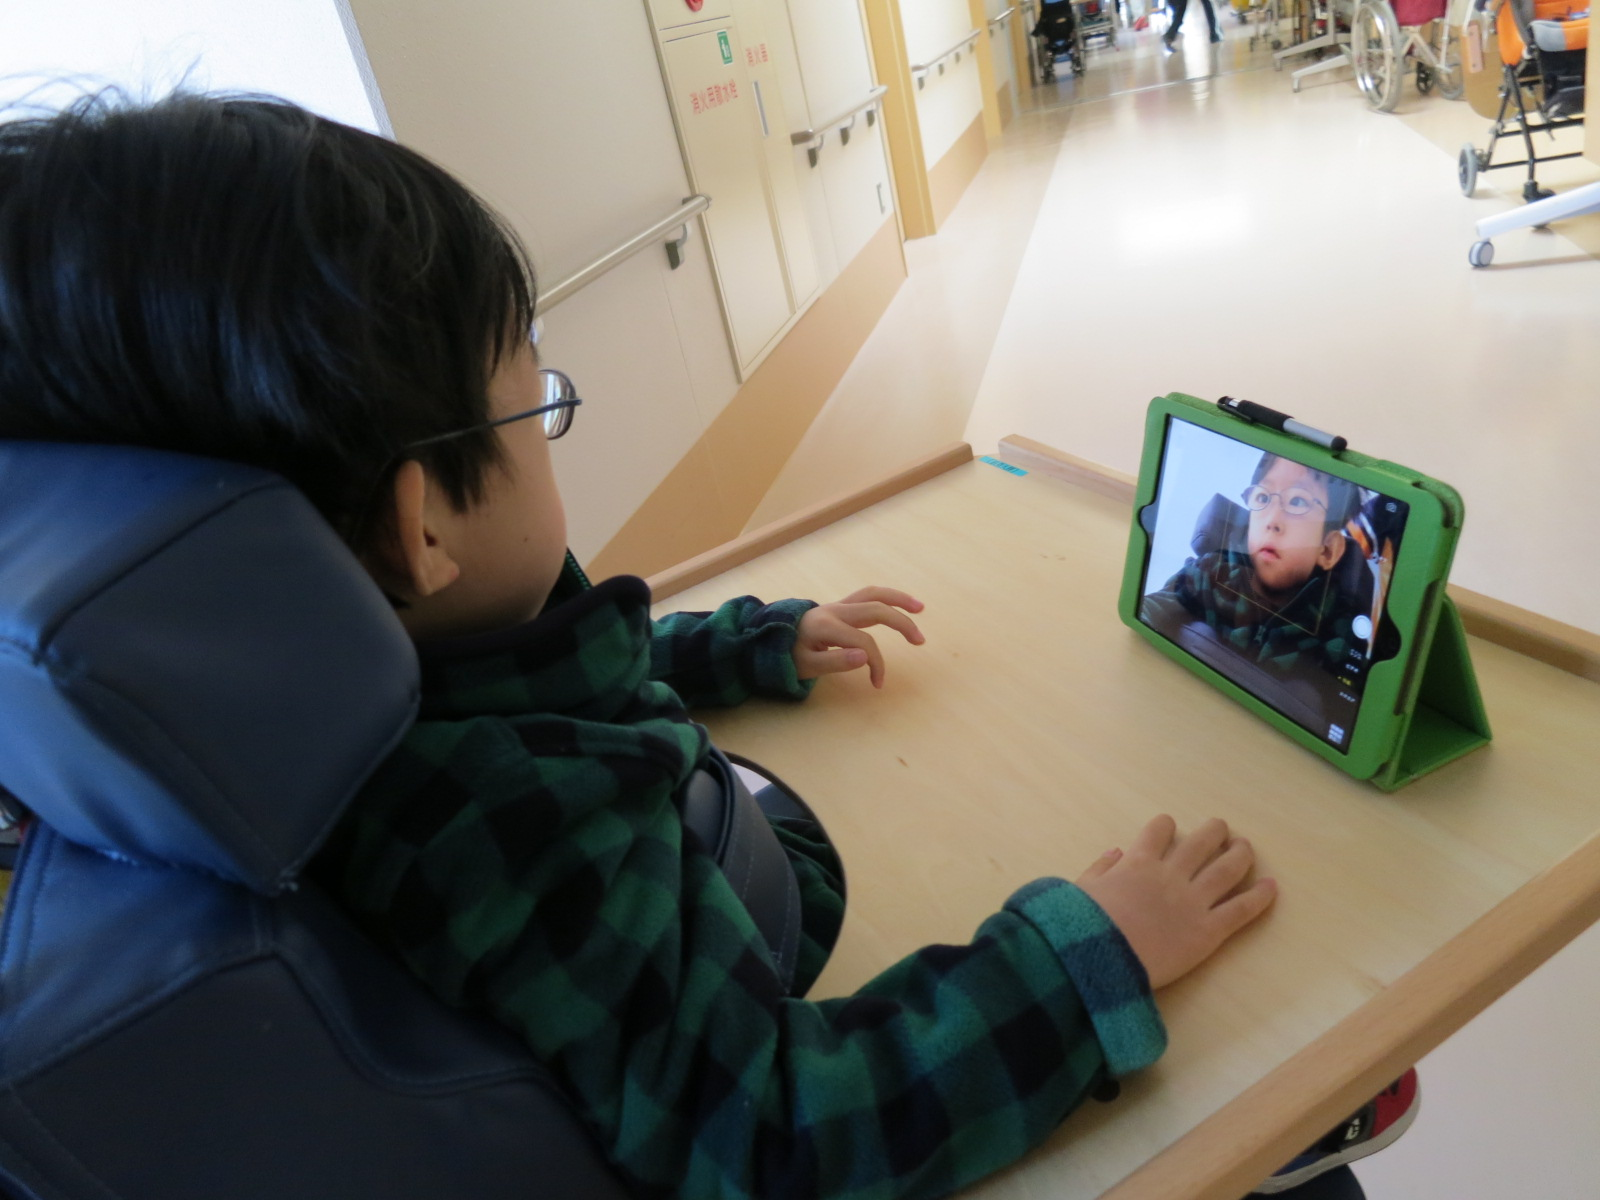 子どもの表情観察カメラ(評価用)